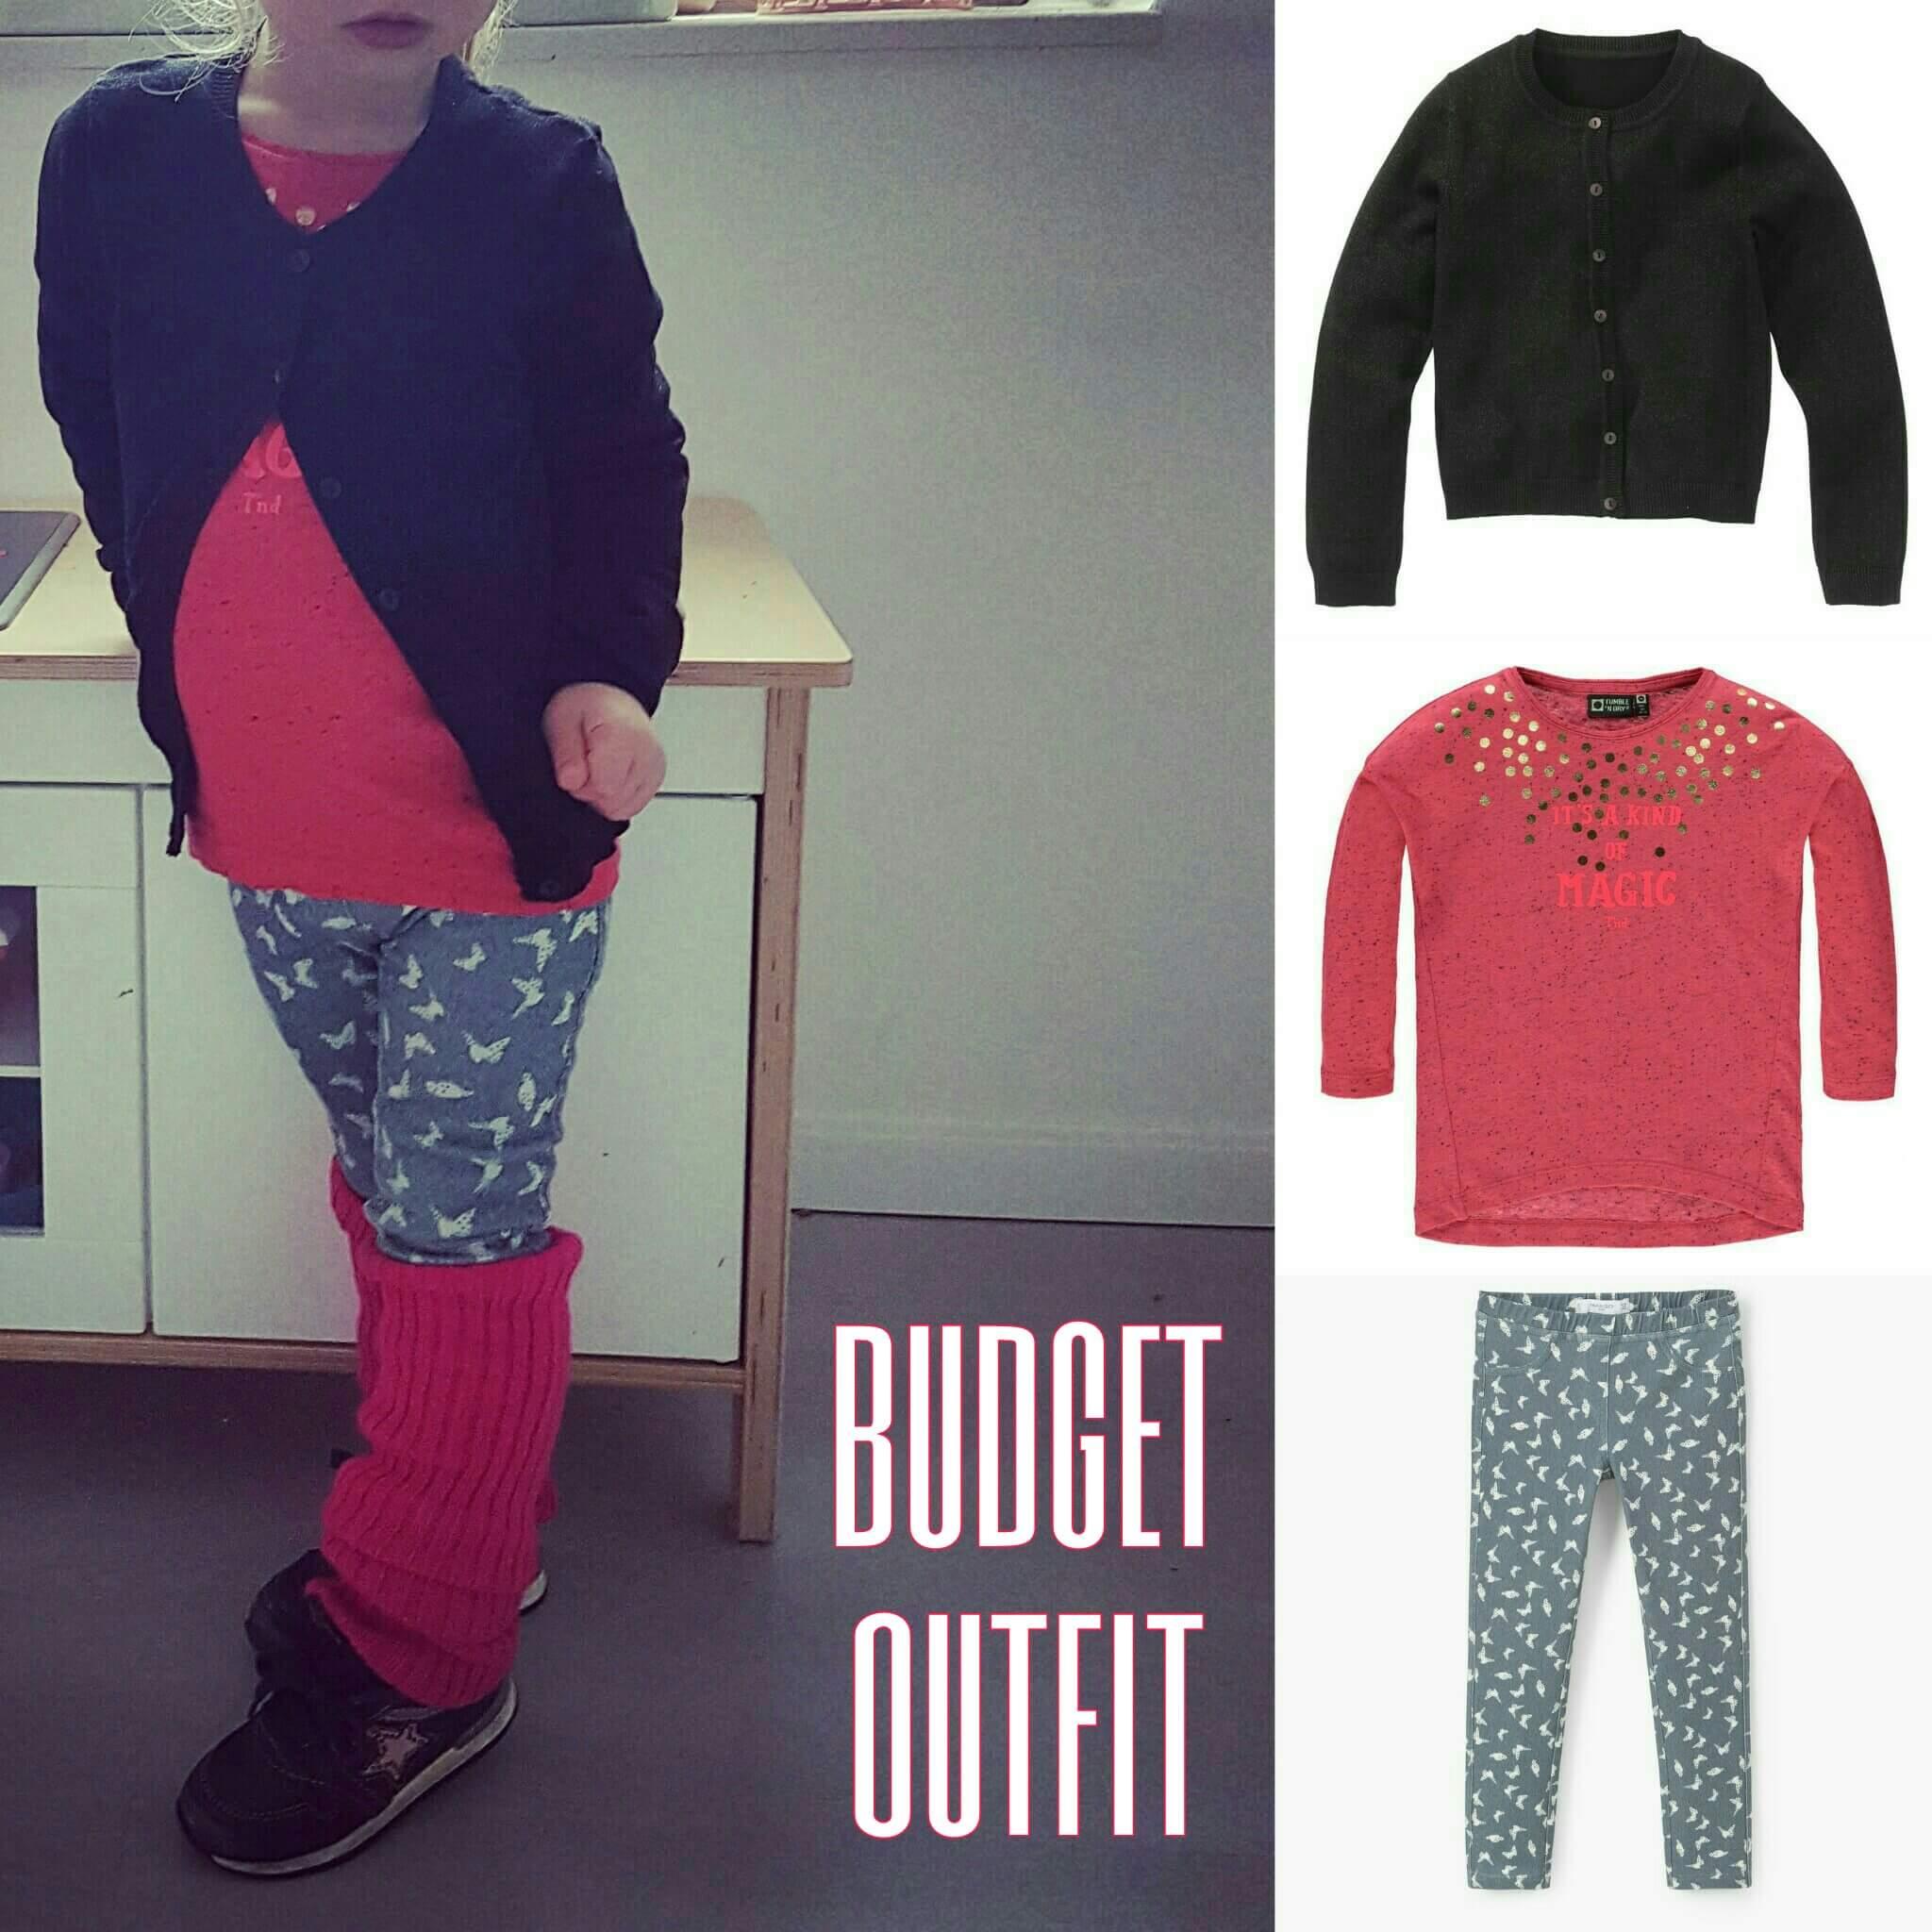 Voor jou gespot: de leukste budget kinderkleding outfits voor meisjes